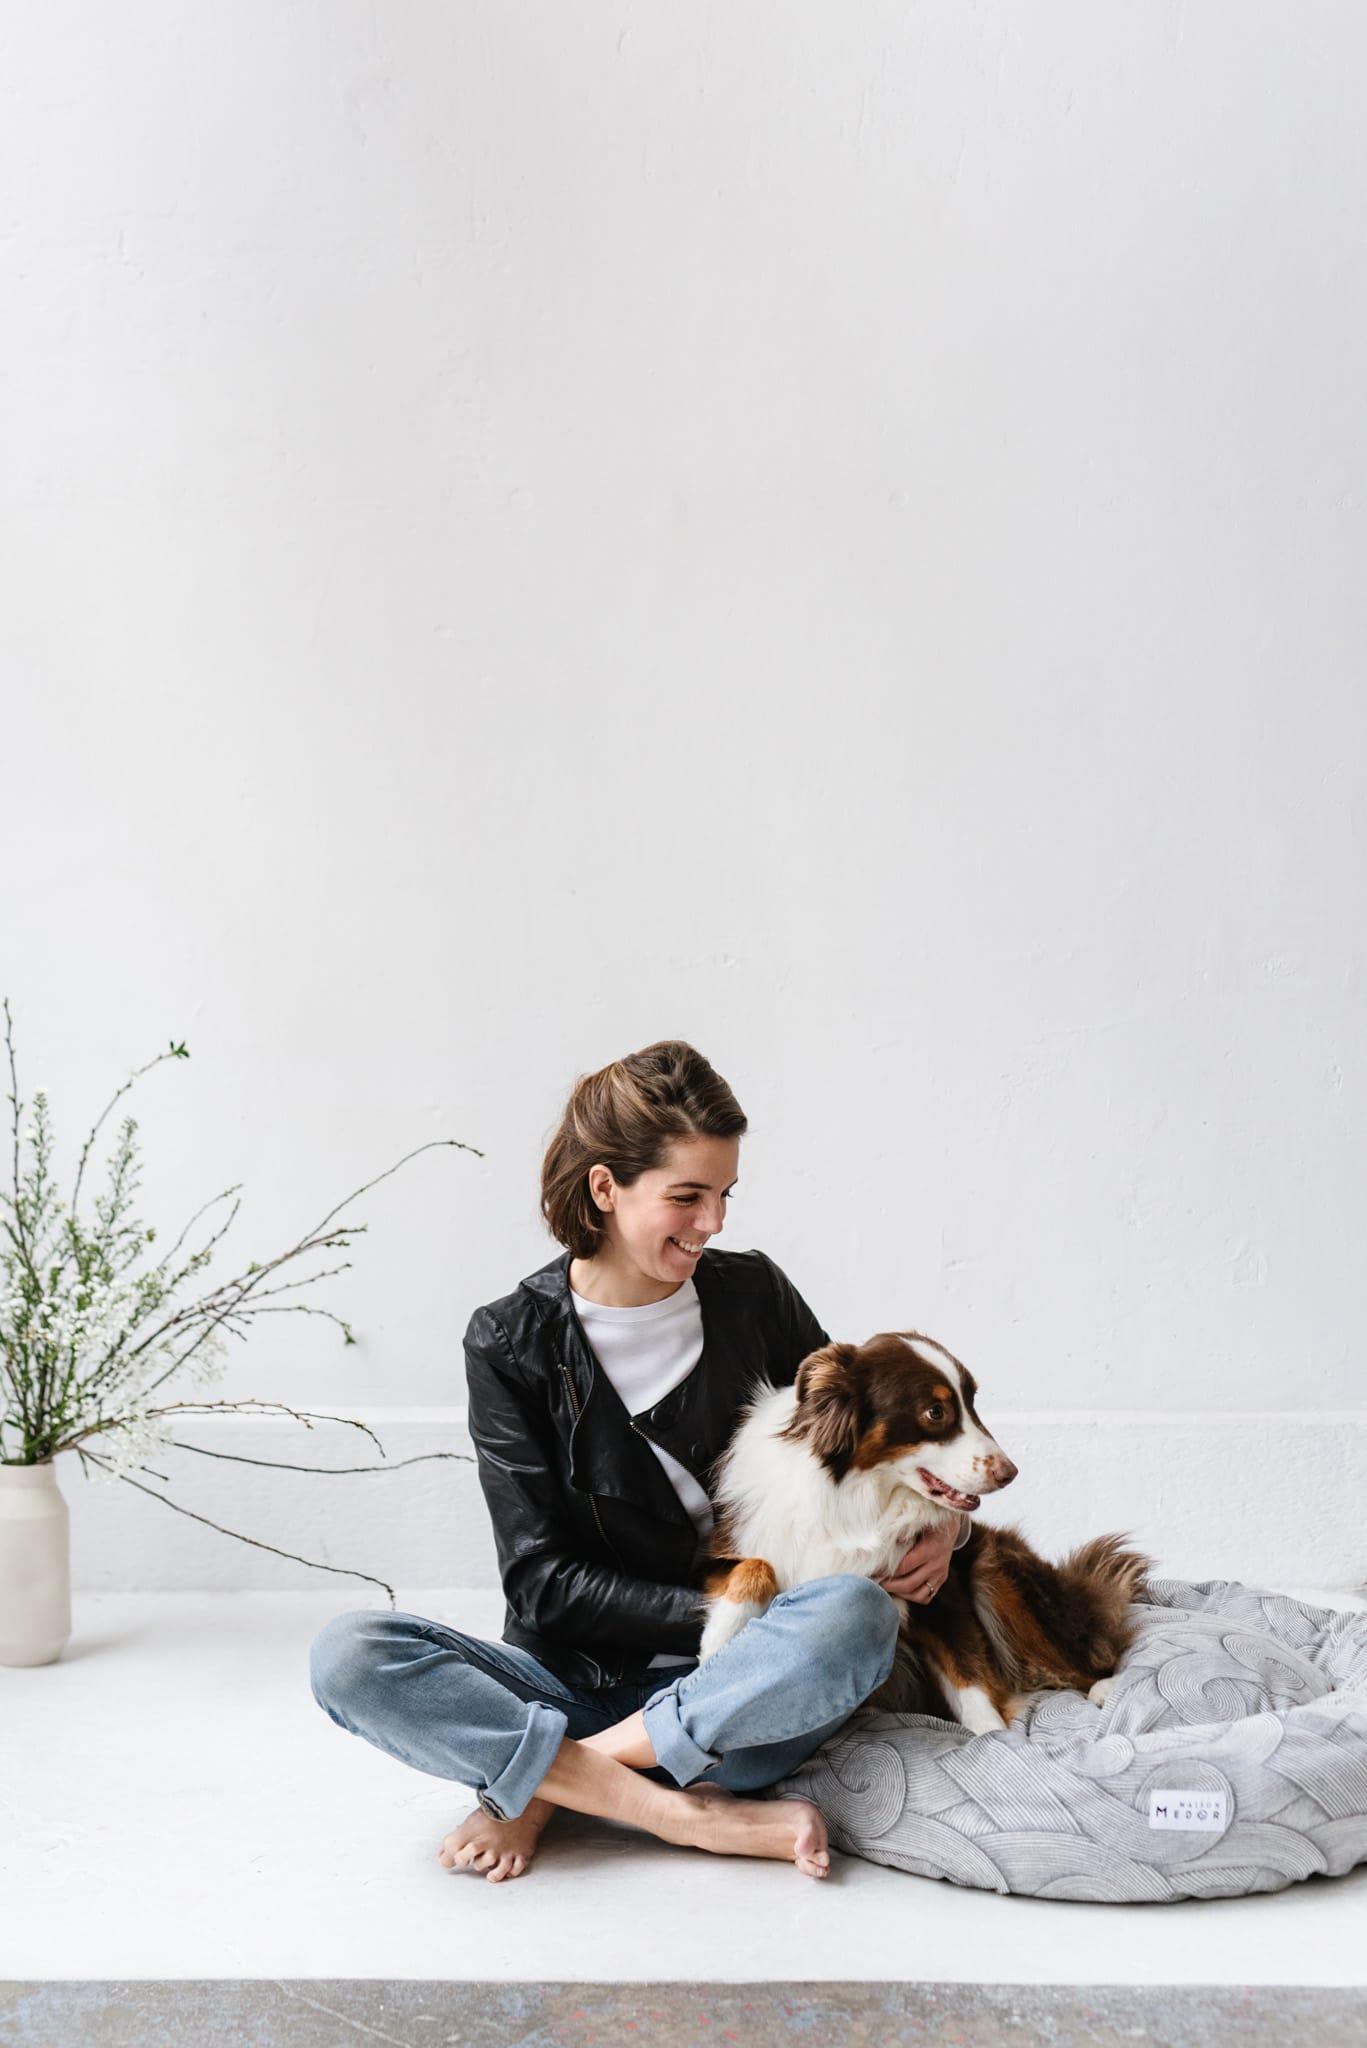 Margot Bott la fondatrice de Maison Medor, la marque des coussins et paniers pour chien made in France